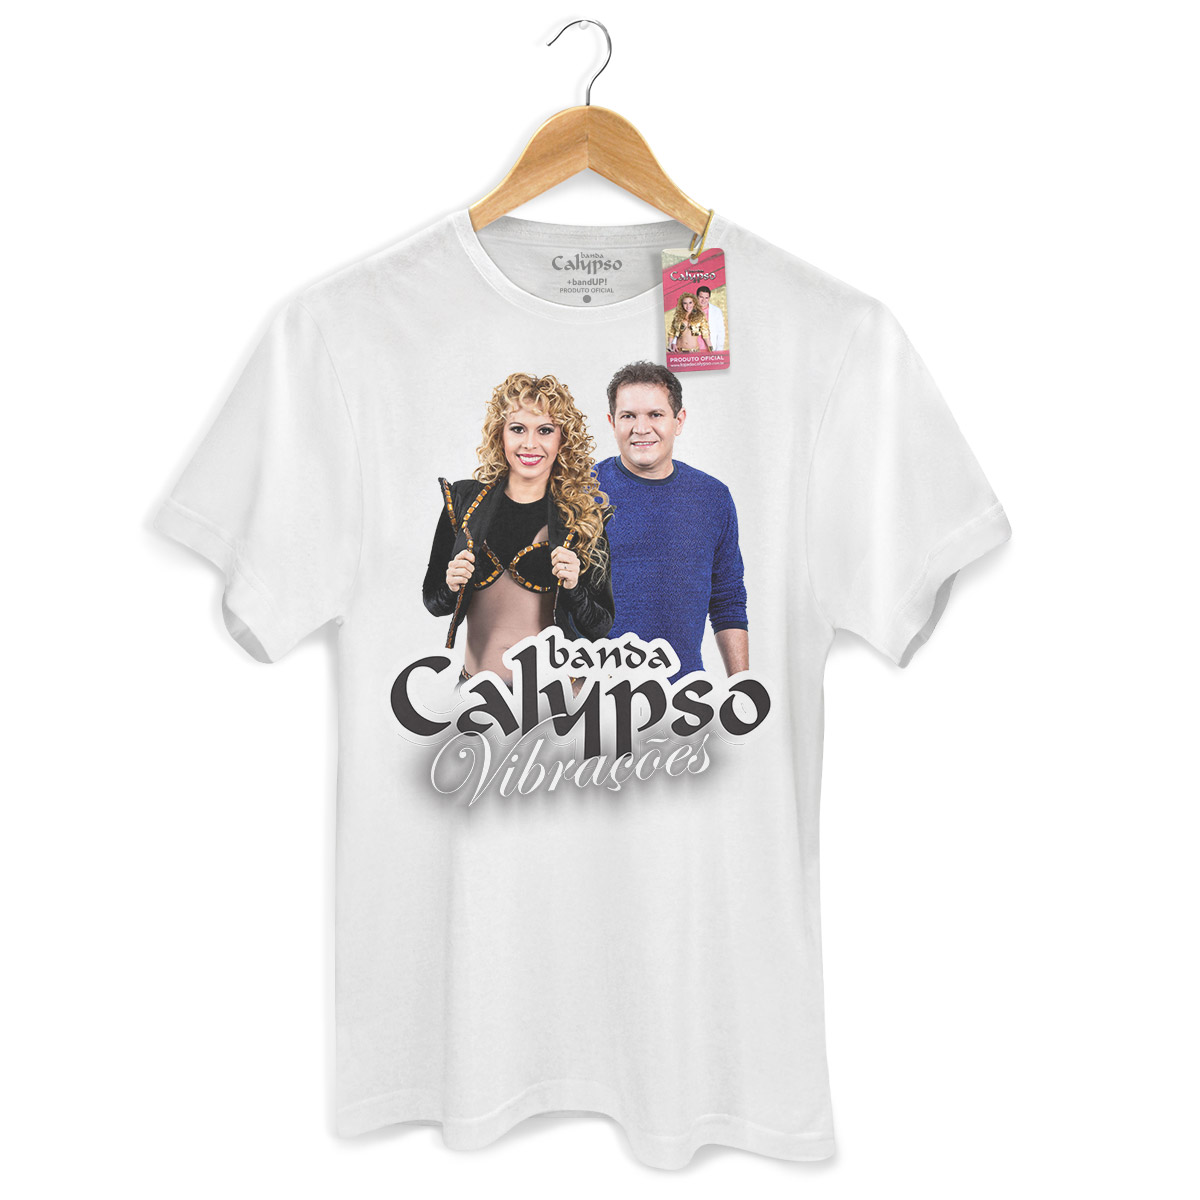 Camiseta Masculina Calypso Vibrações Capa